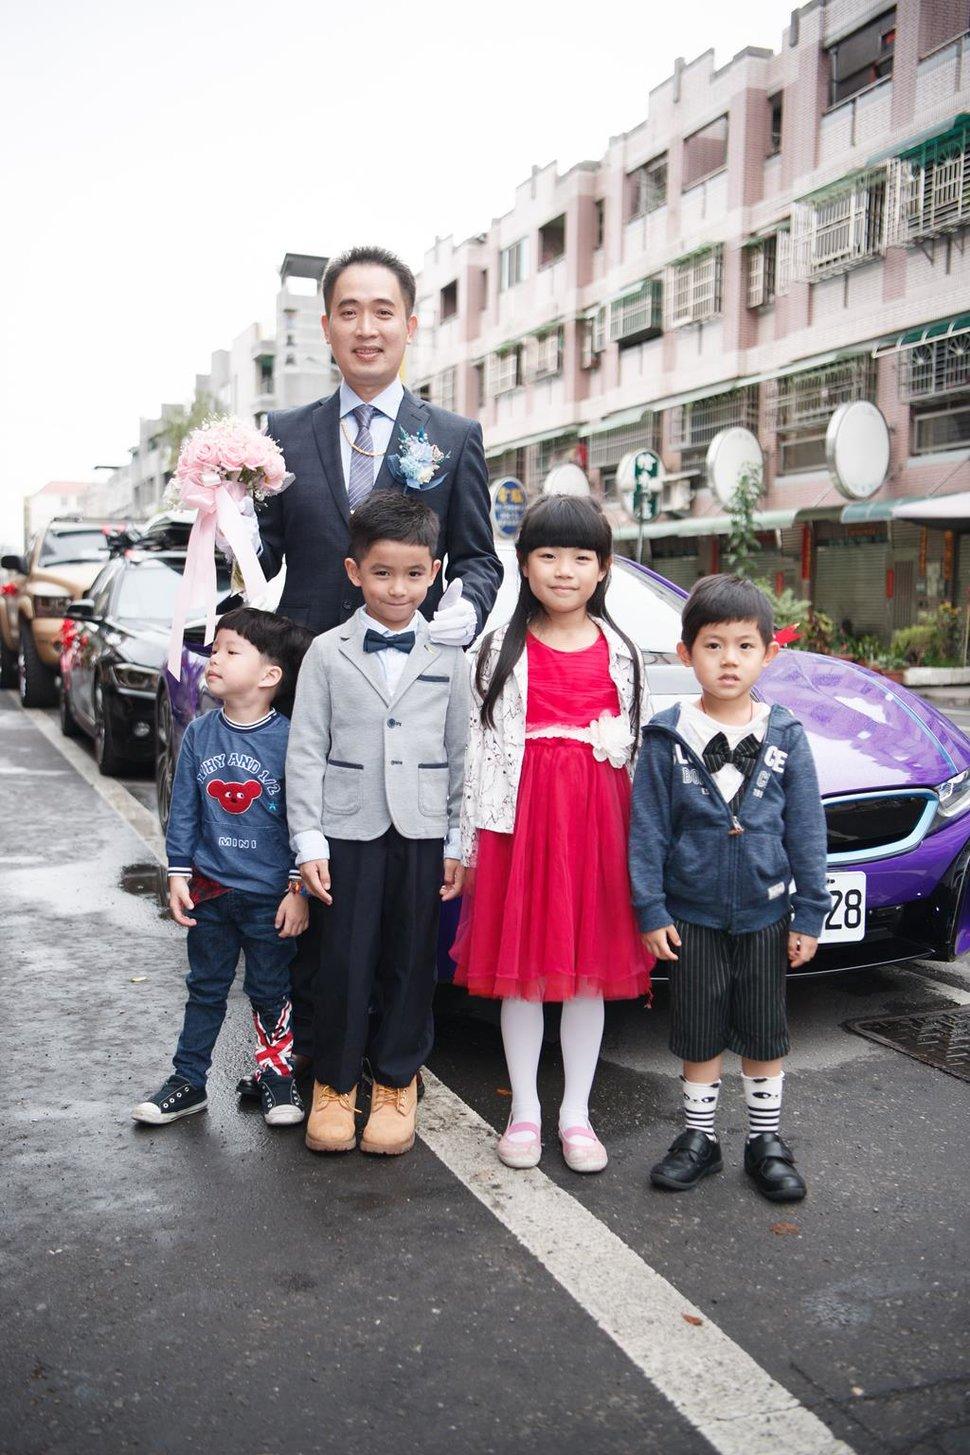 書孟&逸琳婚禮紀實-51 - Mr. Happiness 幸福先生 - 結婚吧